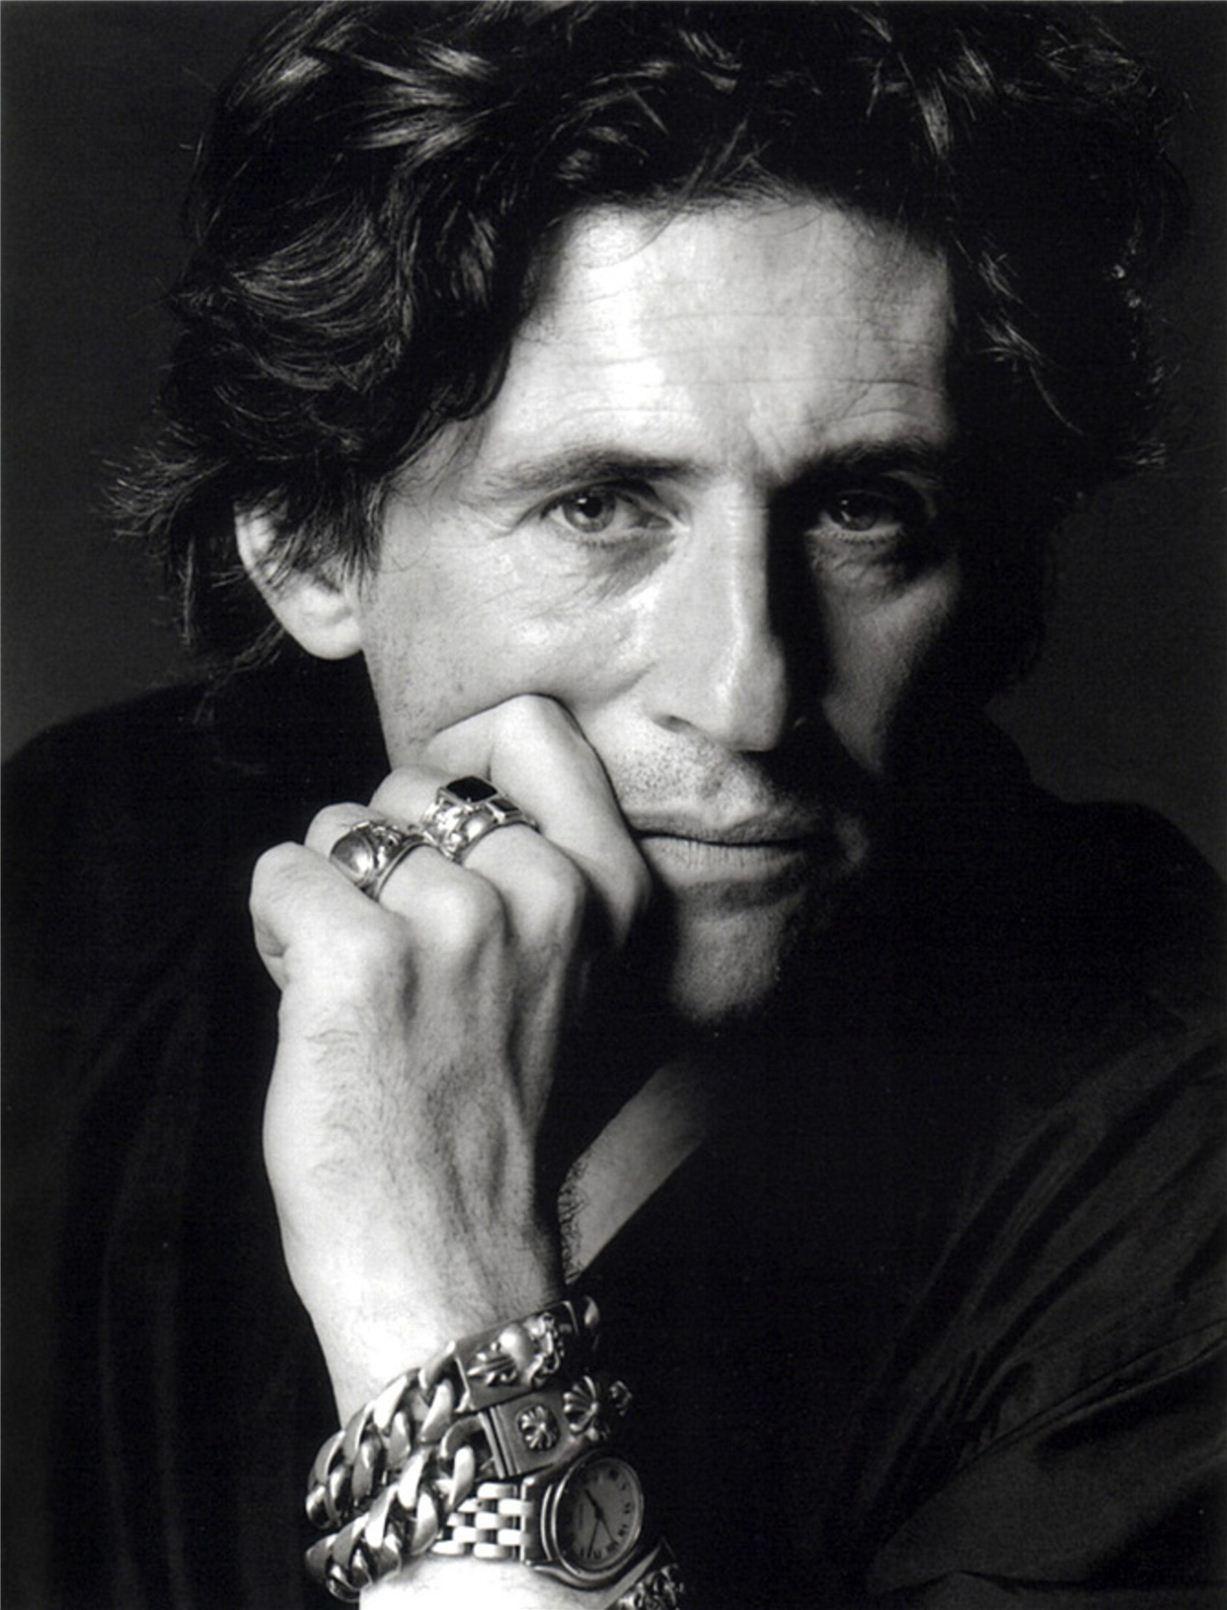 Gabriel Byrne / Гэбриэл Бирн - портрет фотографа Грега Гормана / Greg Gorman